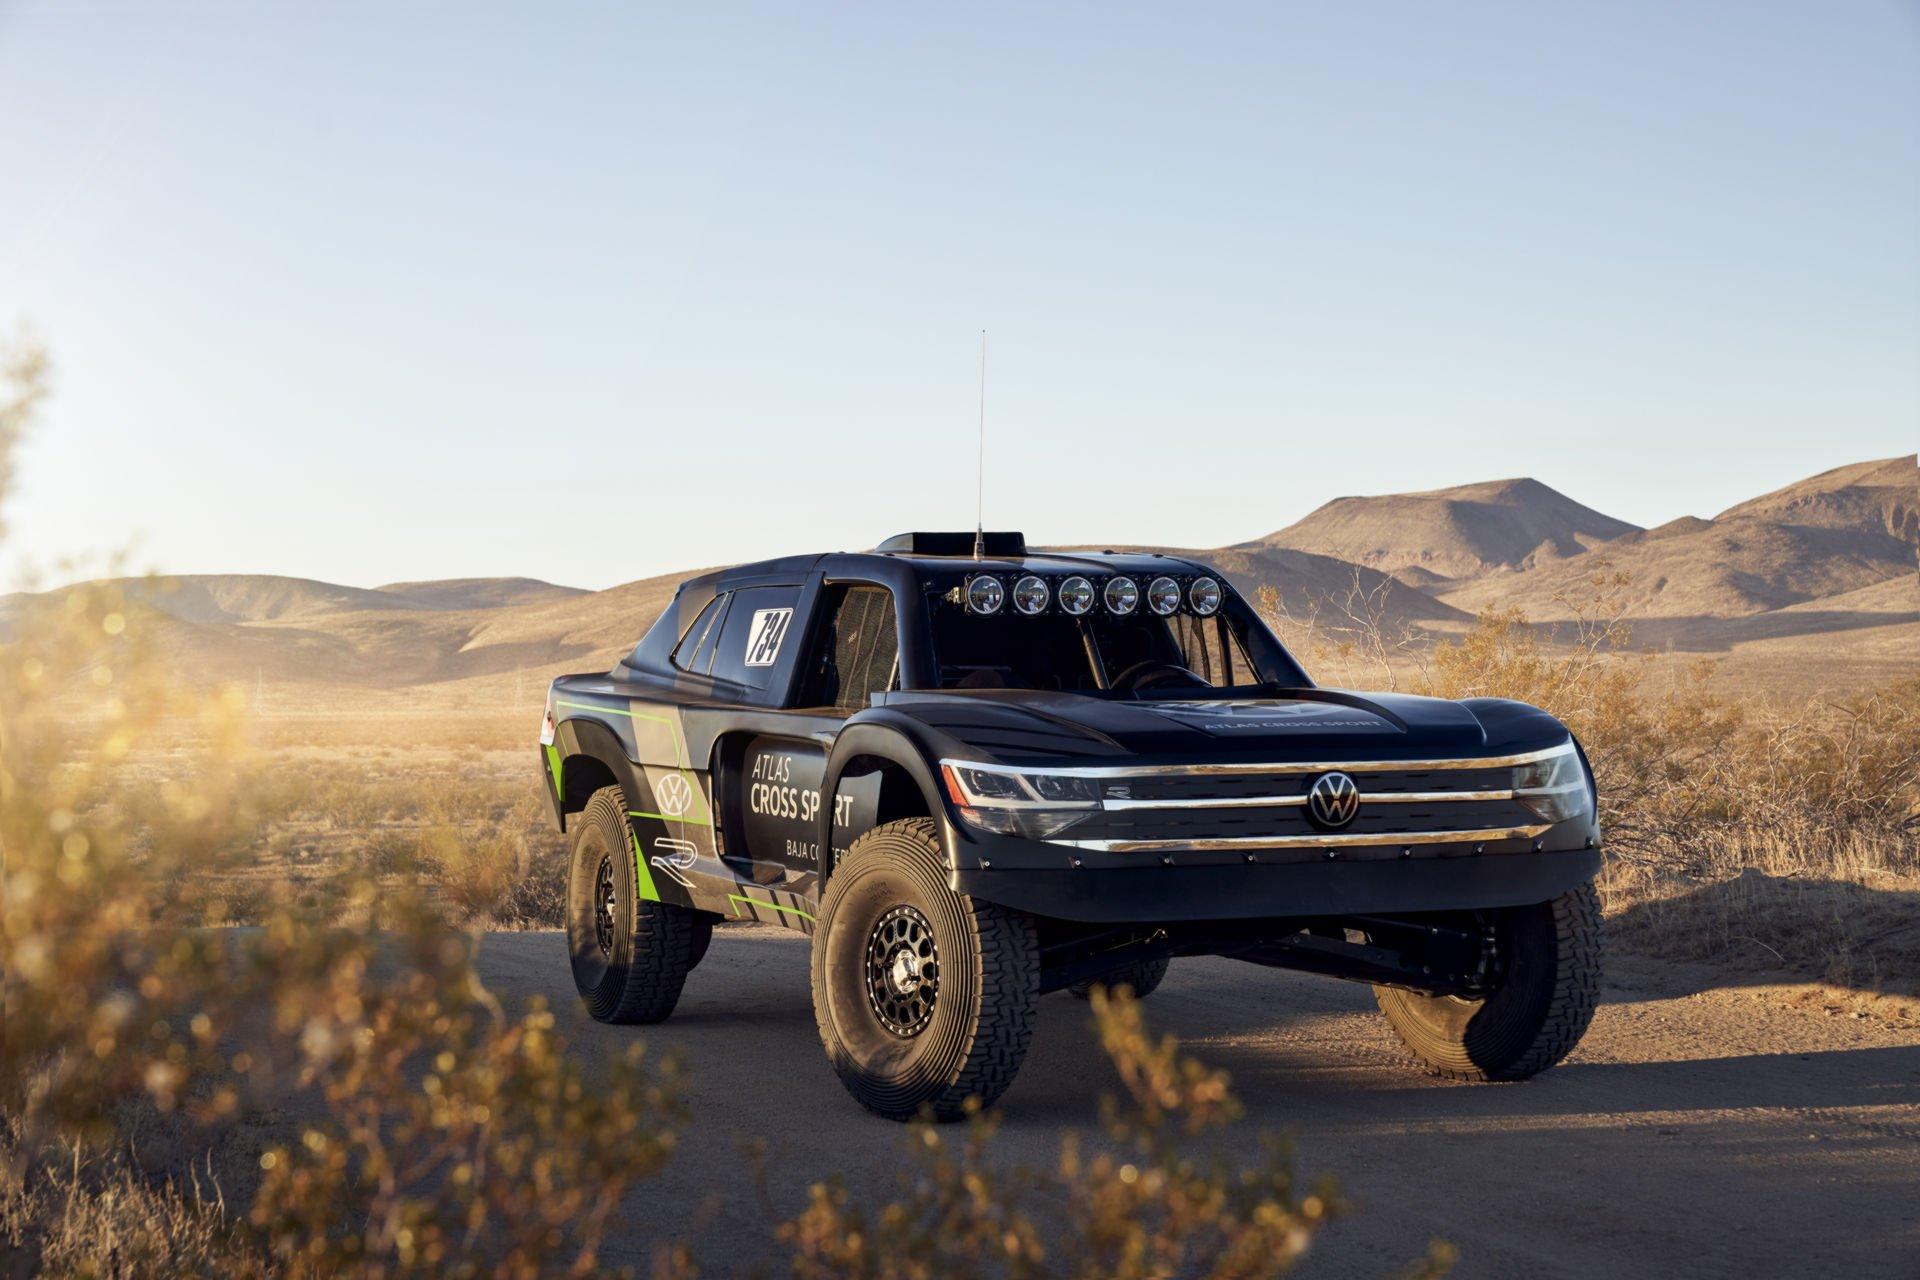 Volkswagen-Atlas-Cross-Sport-Baja-Concept-1